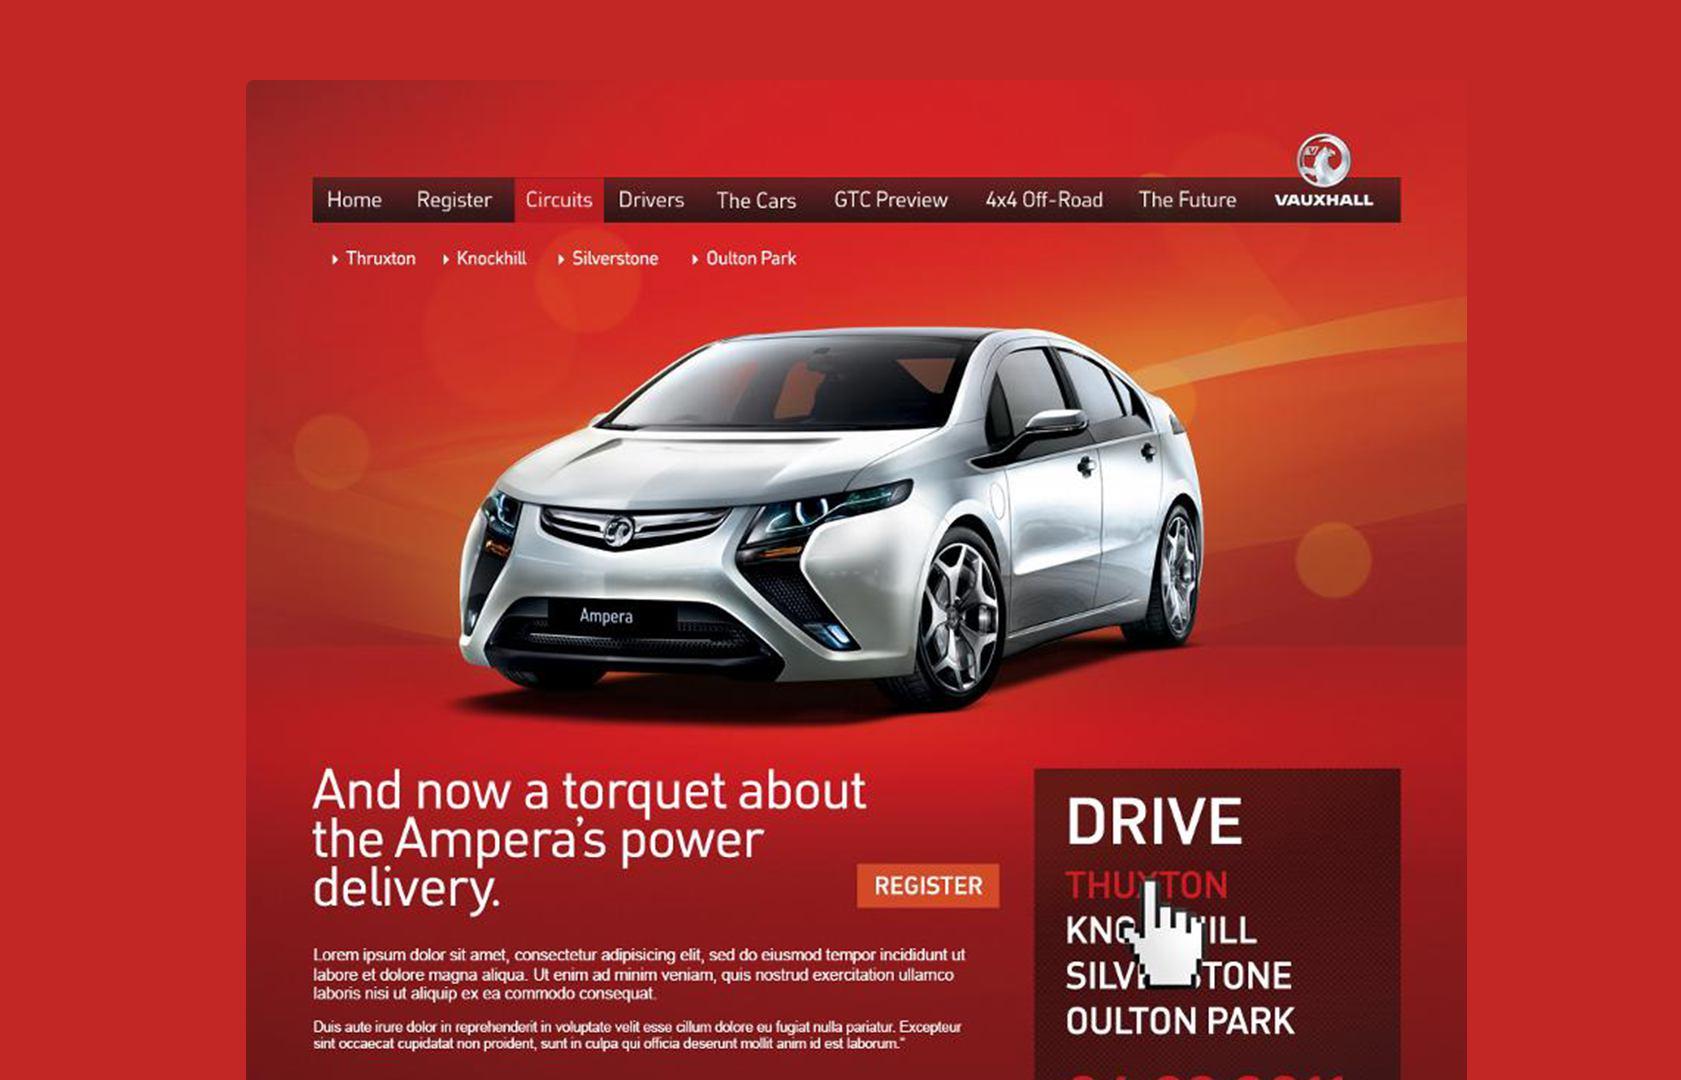 Vauxhall homepage